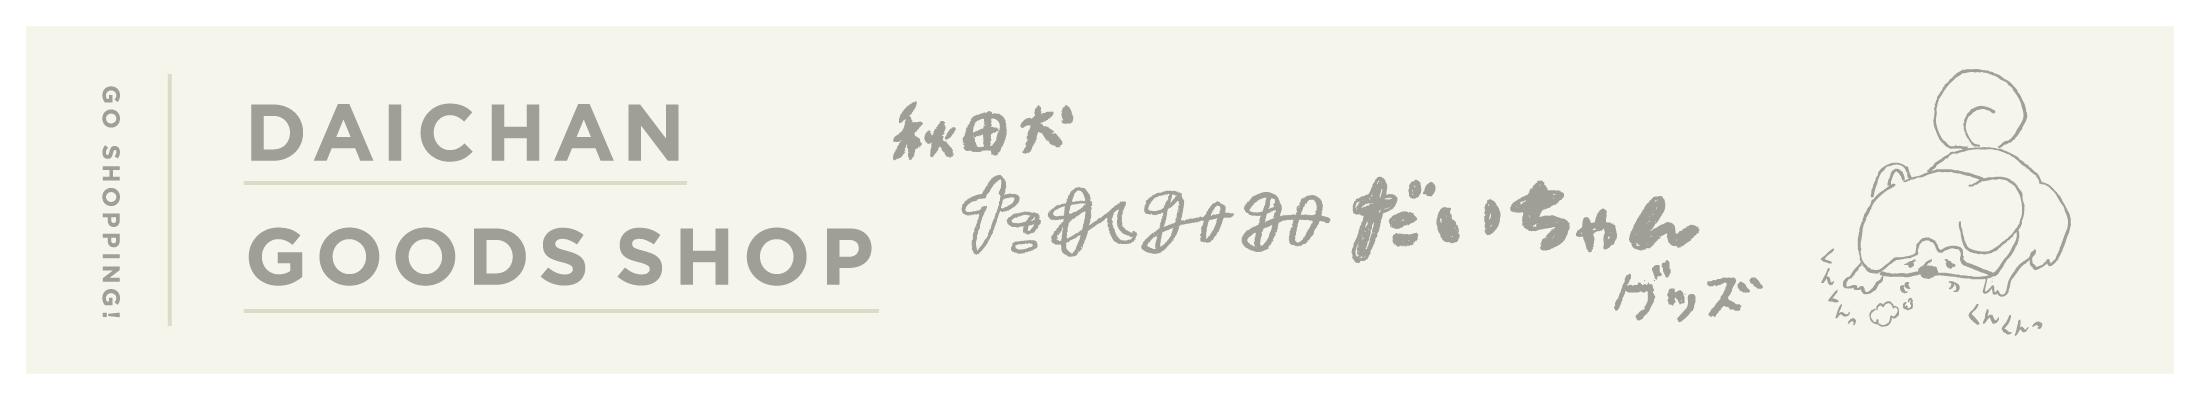 DAICHAN GOODS SHOP 秋田犬 たれみみだいちゃんグッズ